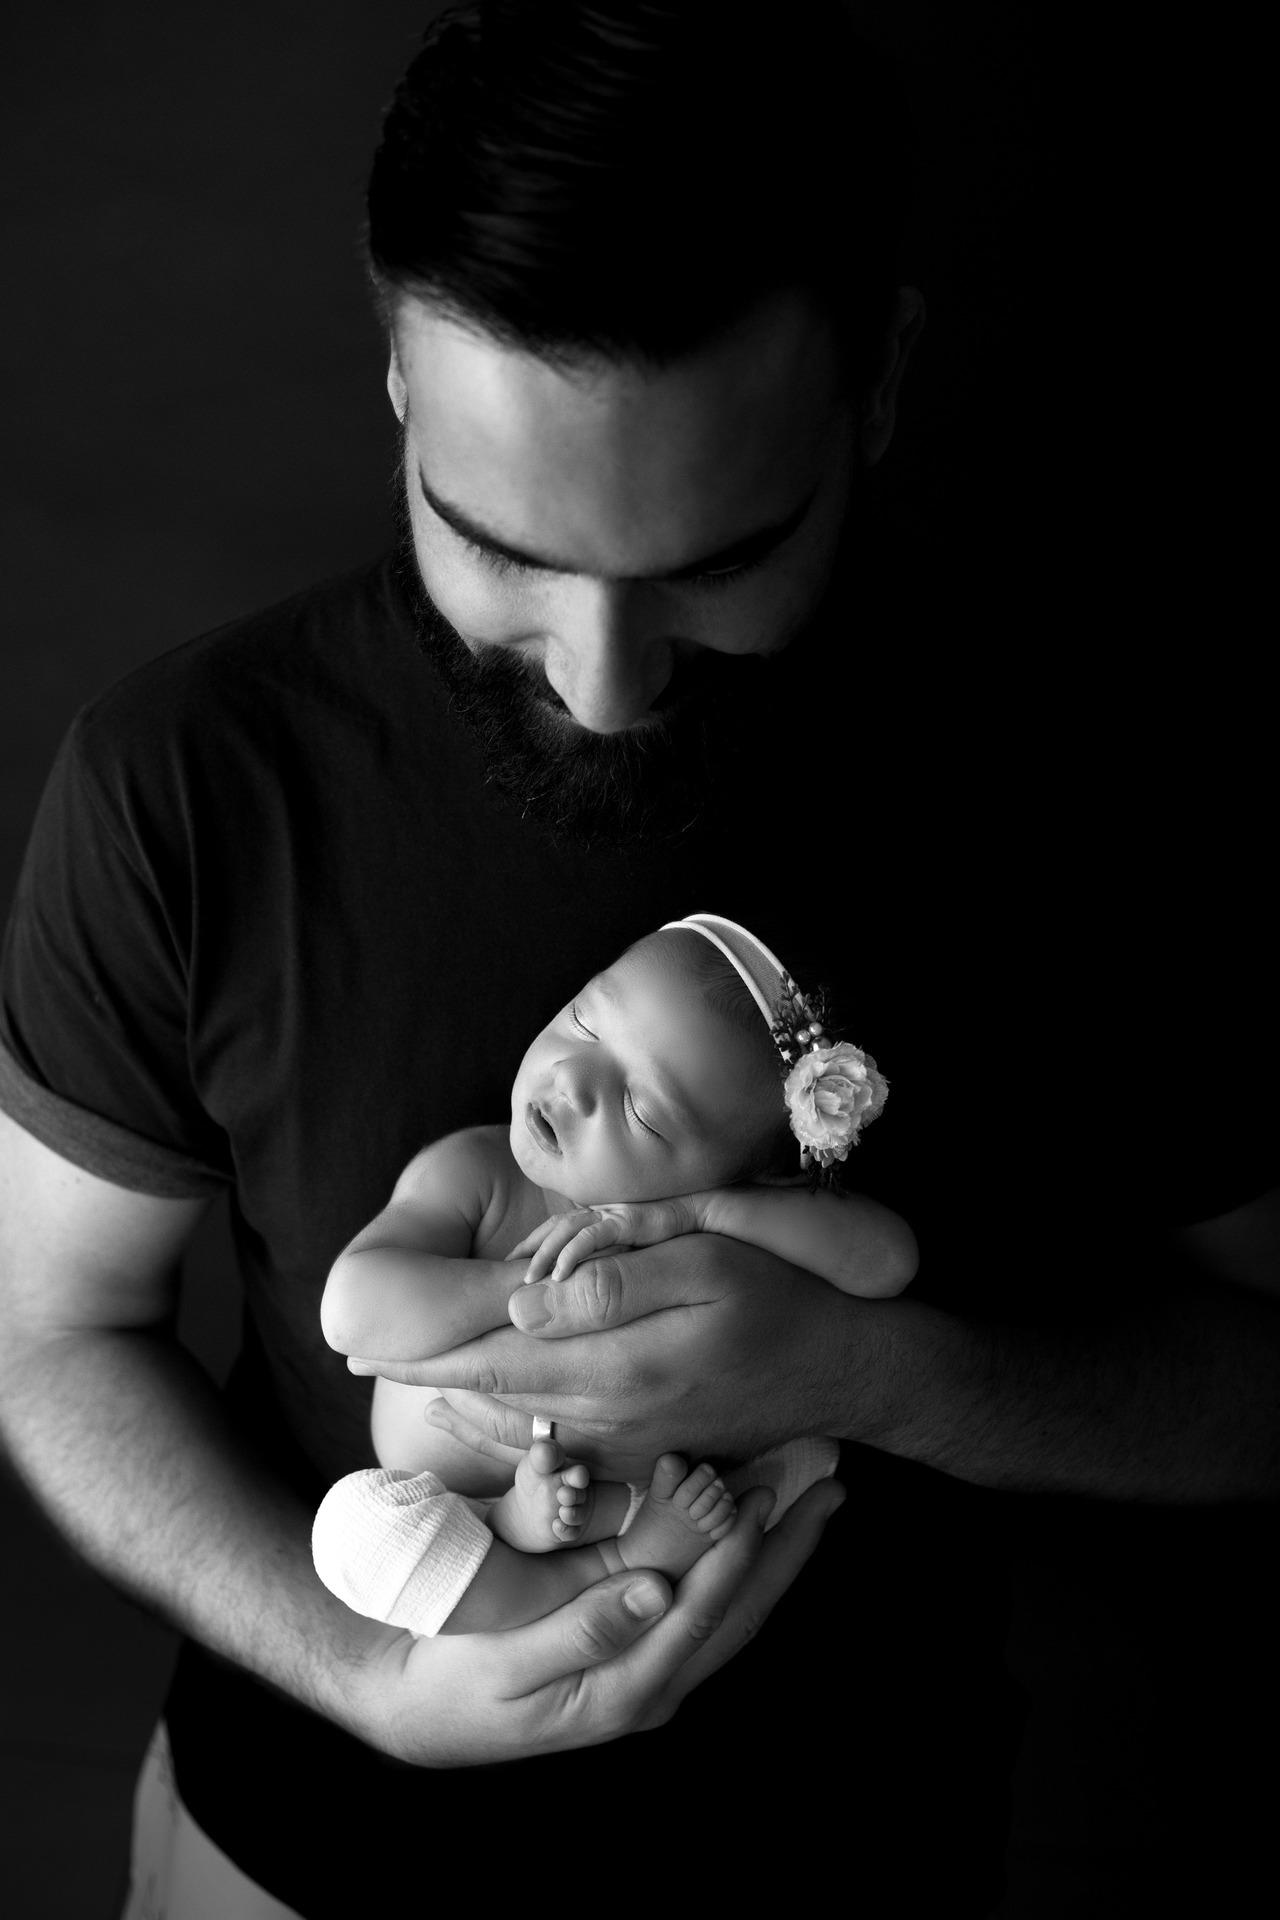 Ensaio Newborn preto e branco